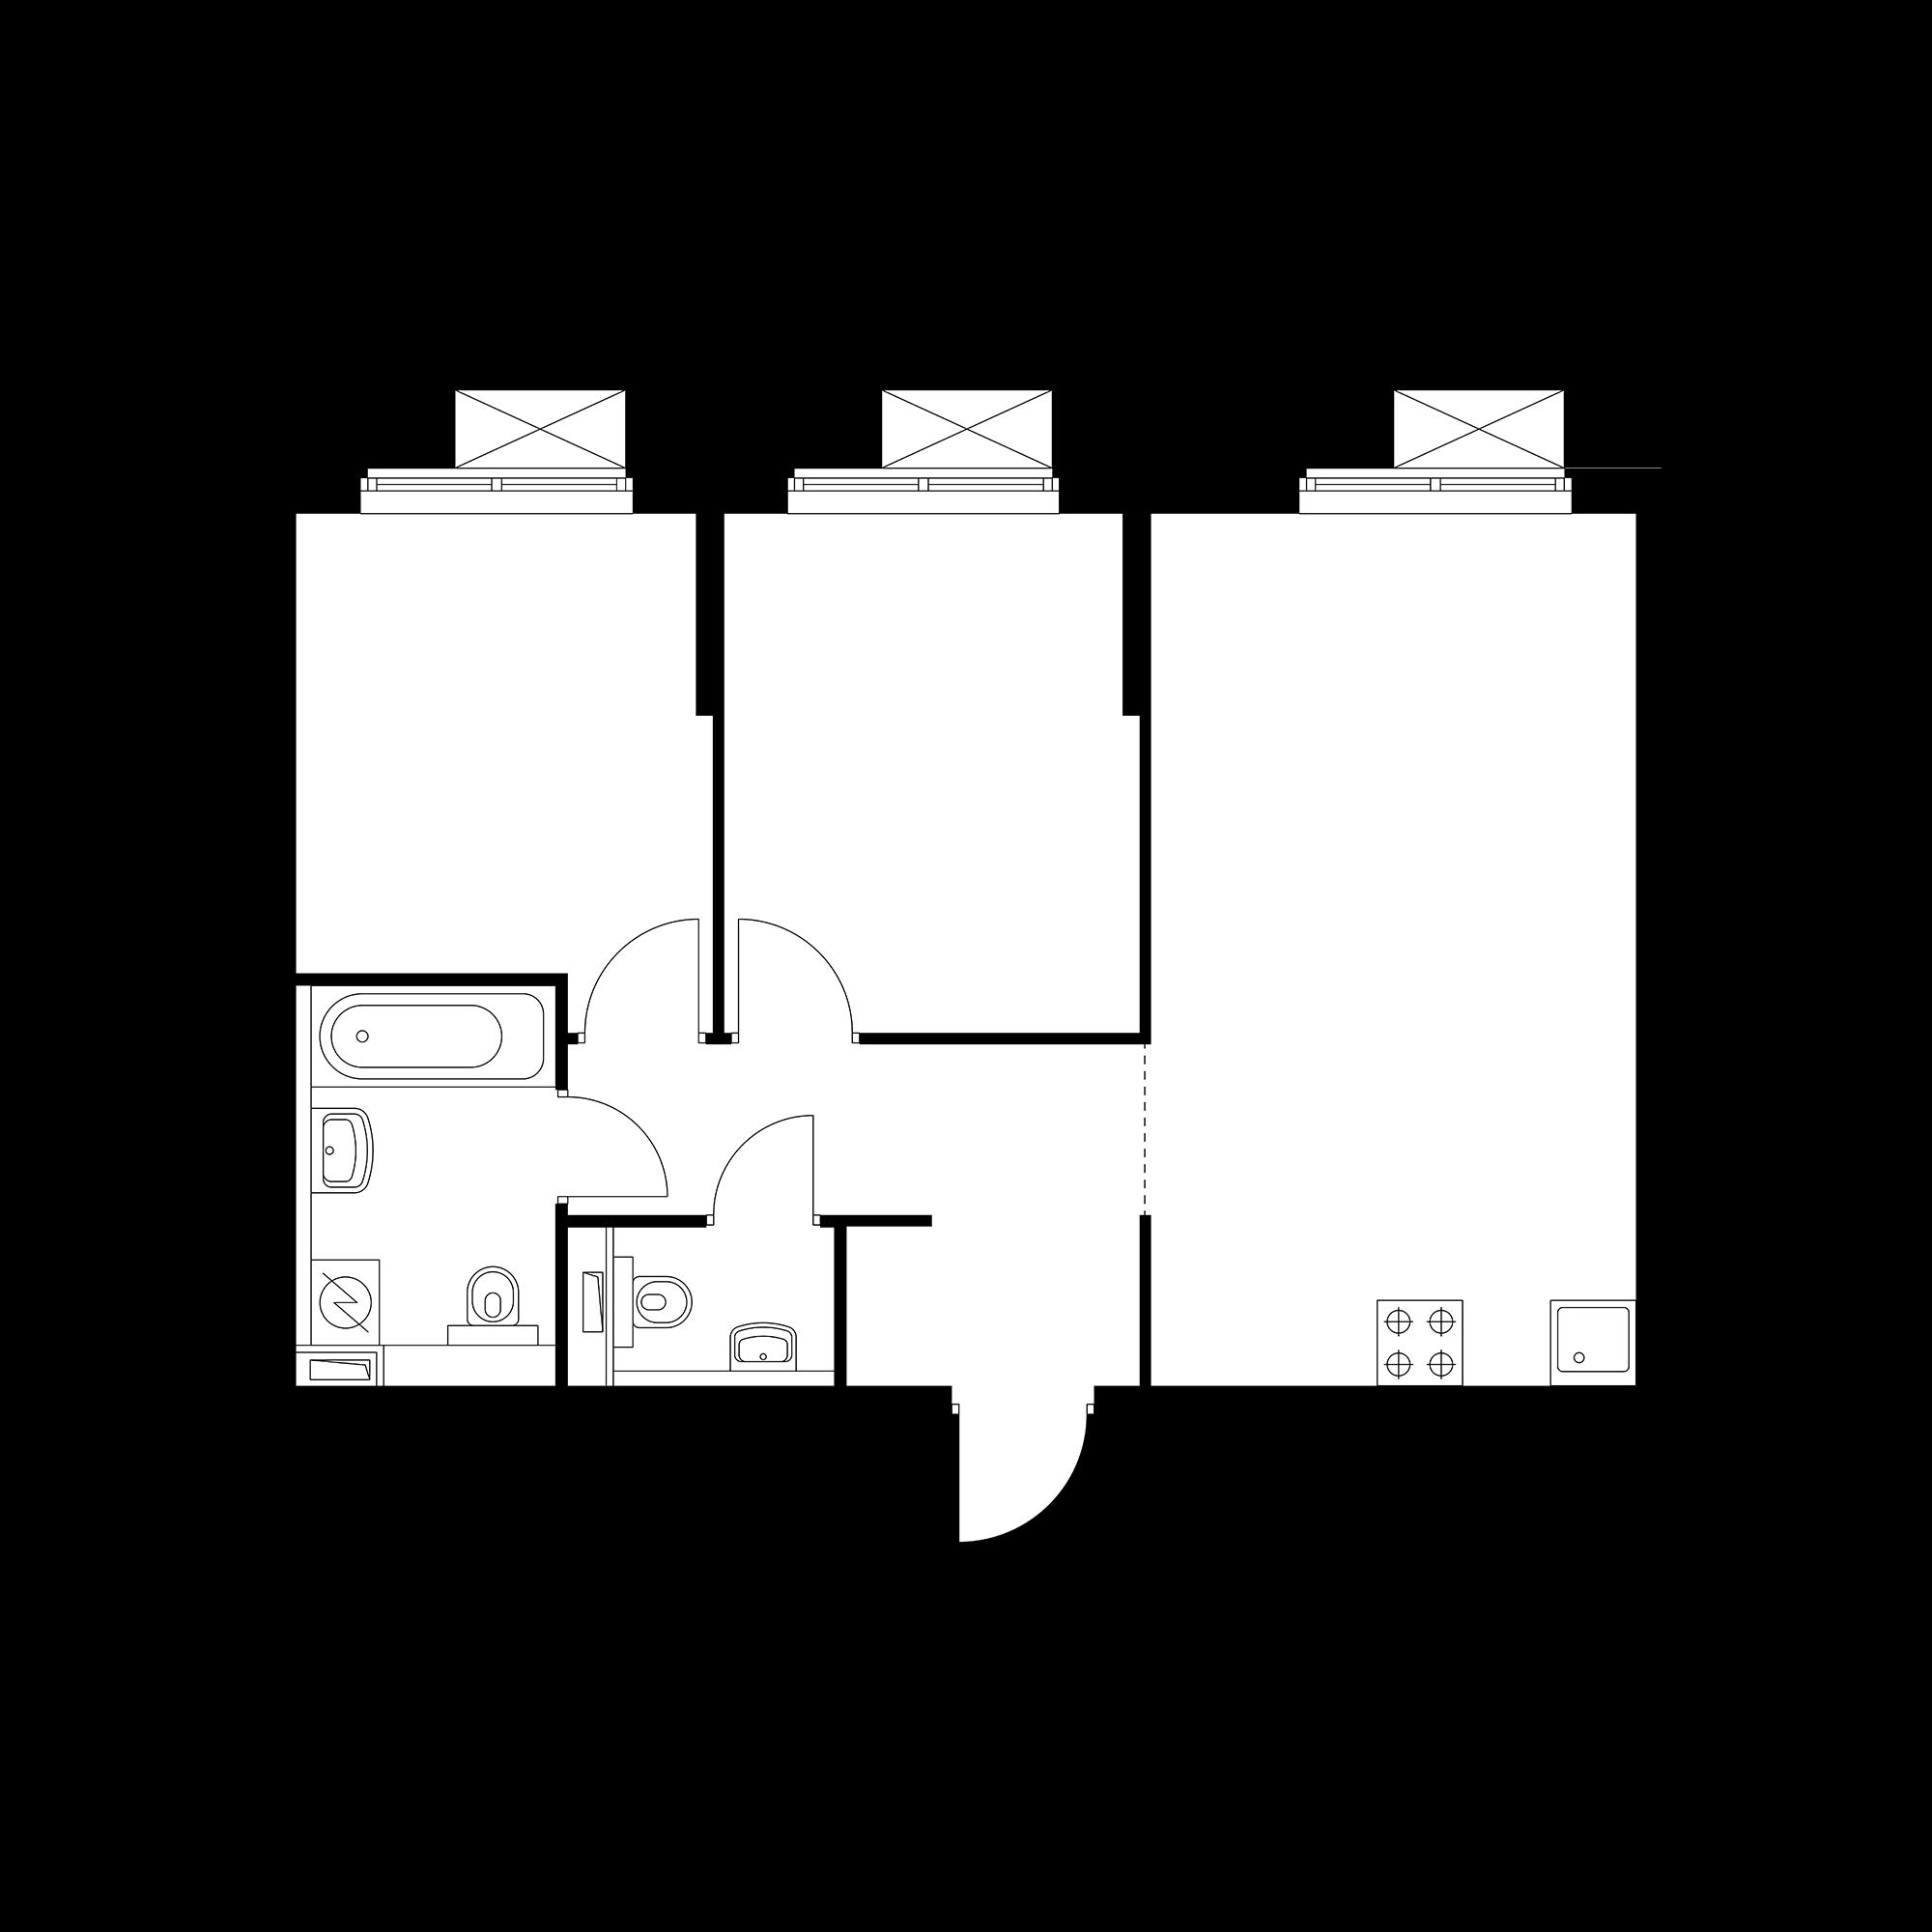 2-комнатная 54.54 м²